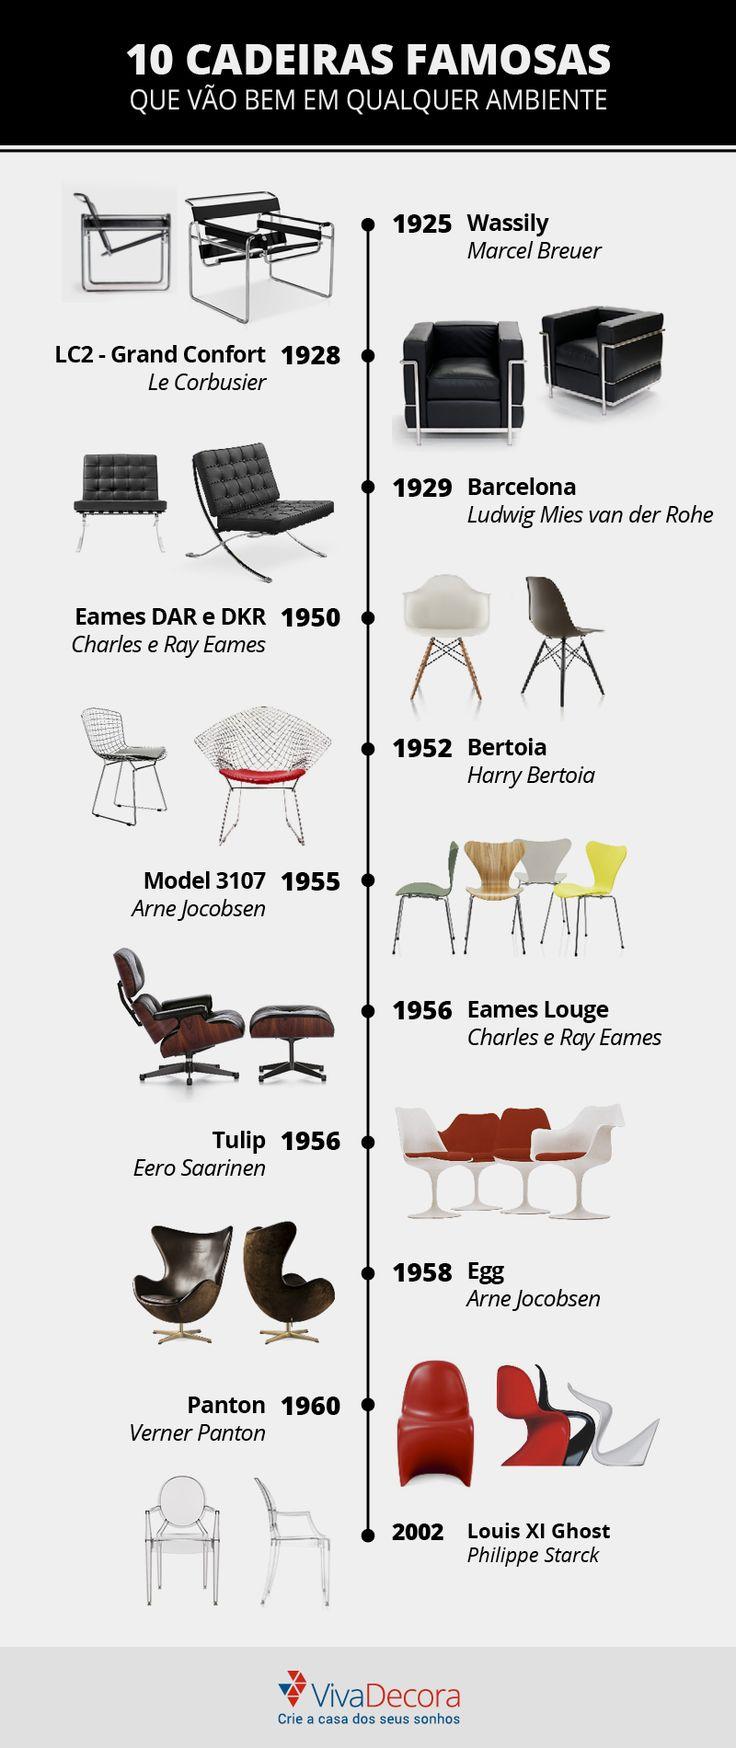 Cadeiras de design que vão bem em qualquer ambiente! #mobiliario #furniture #design #cadeiras